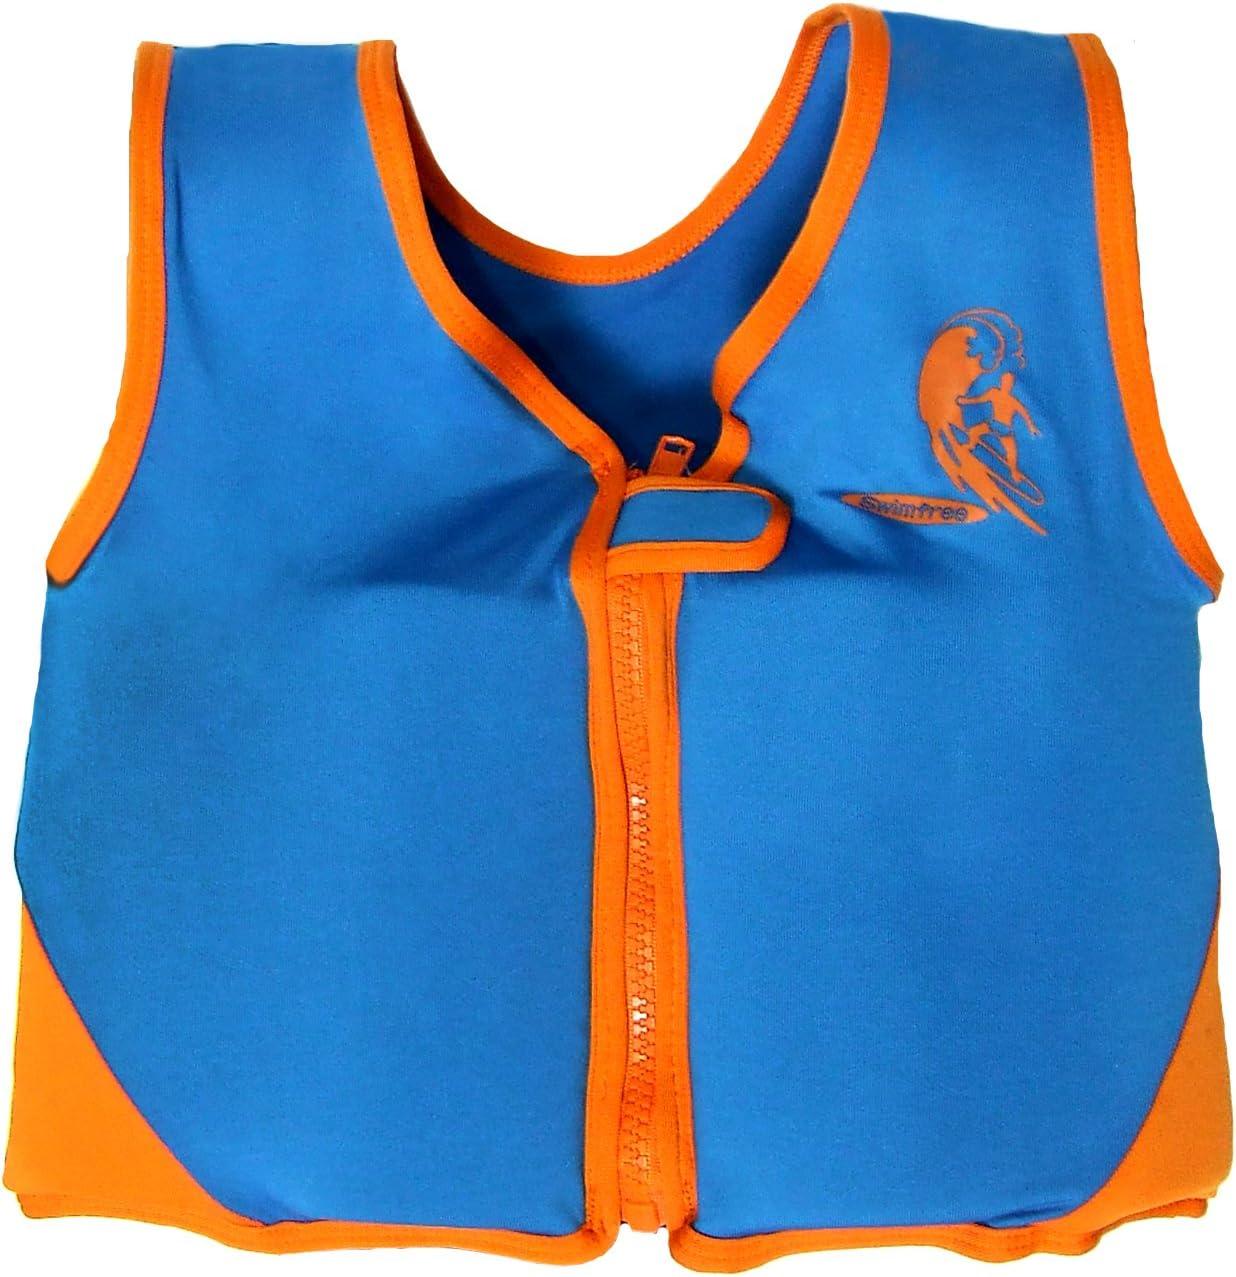 Swimfree Boys Blue//Orange Swim Vest Learn-To-Swim Floatation Jackets Size Large For Kids Age 5.5-7.5 Years Old